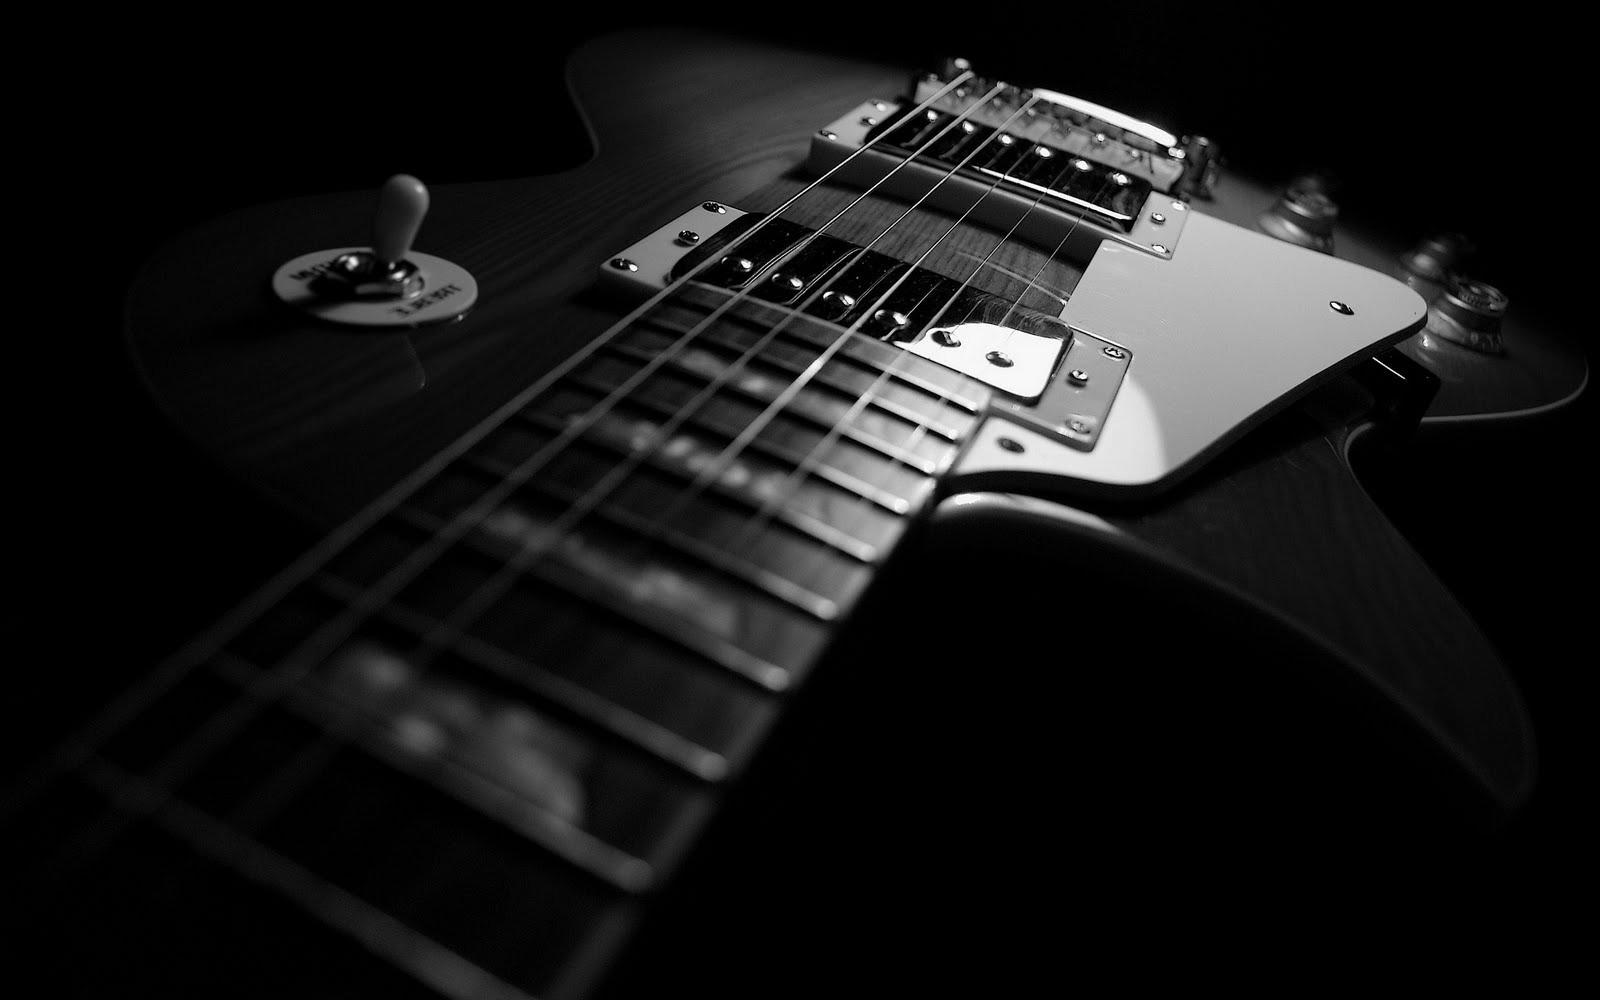 デスクトップ壁紙 ギタリスト エレキギター 黒と白 モノクロ写真